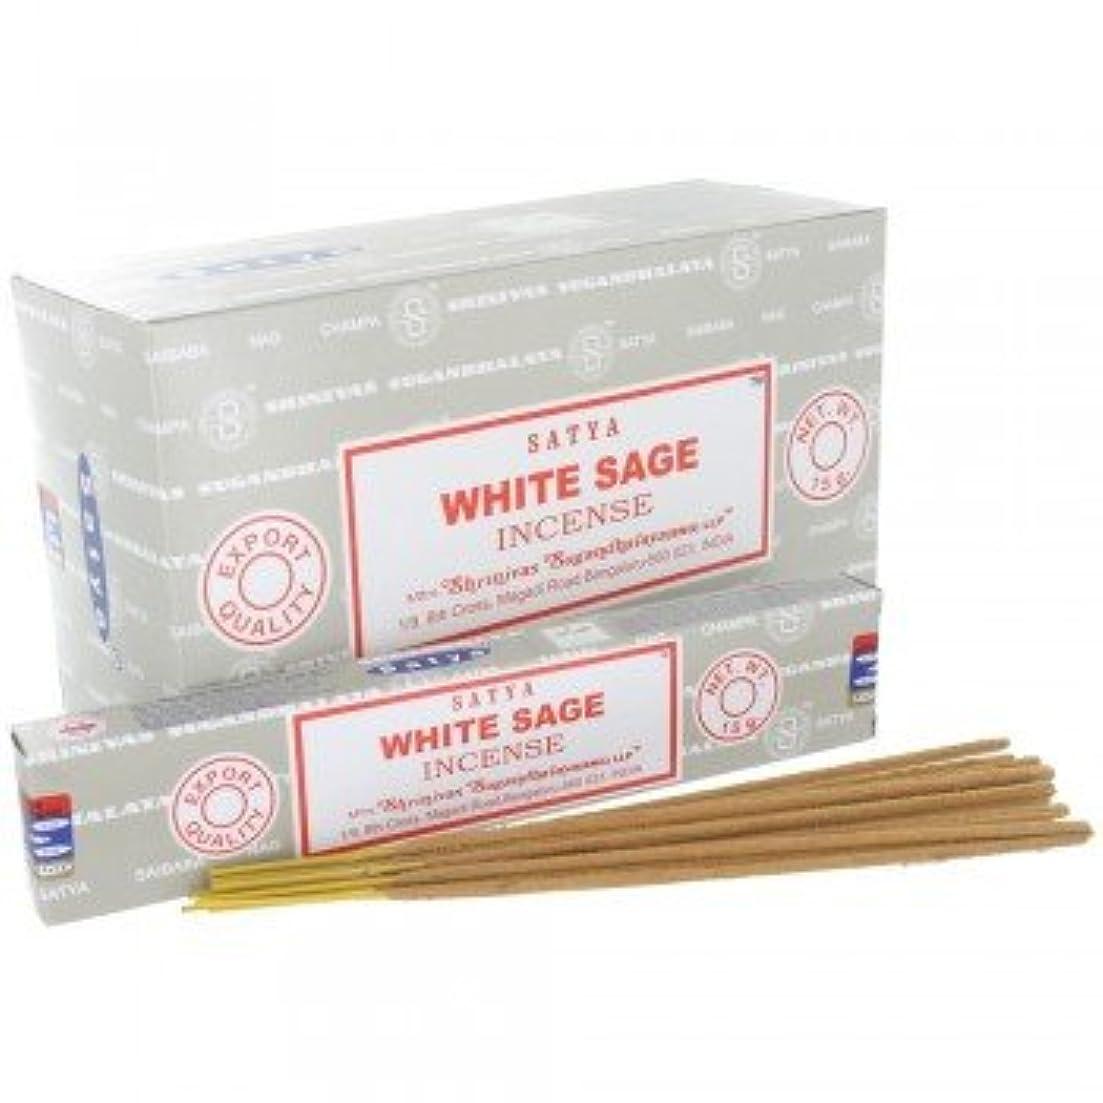 嫌がるカタログバレルSATYA WHITE SAGE ホワイトセージ 聖なる樹 浄化 お香 スティック 約15g入 (1個) [並行輸入品]